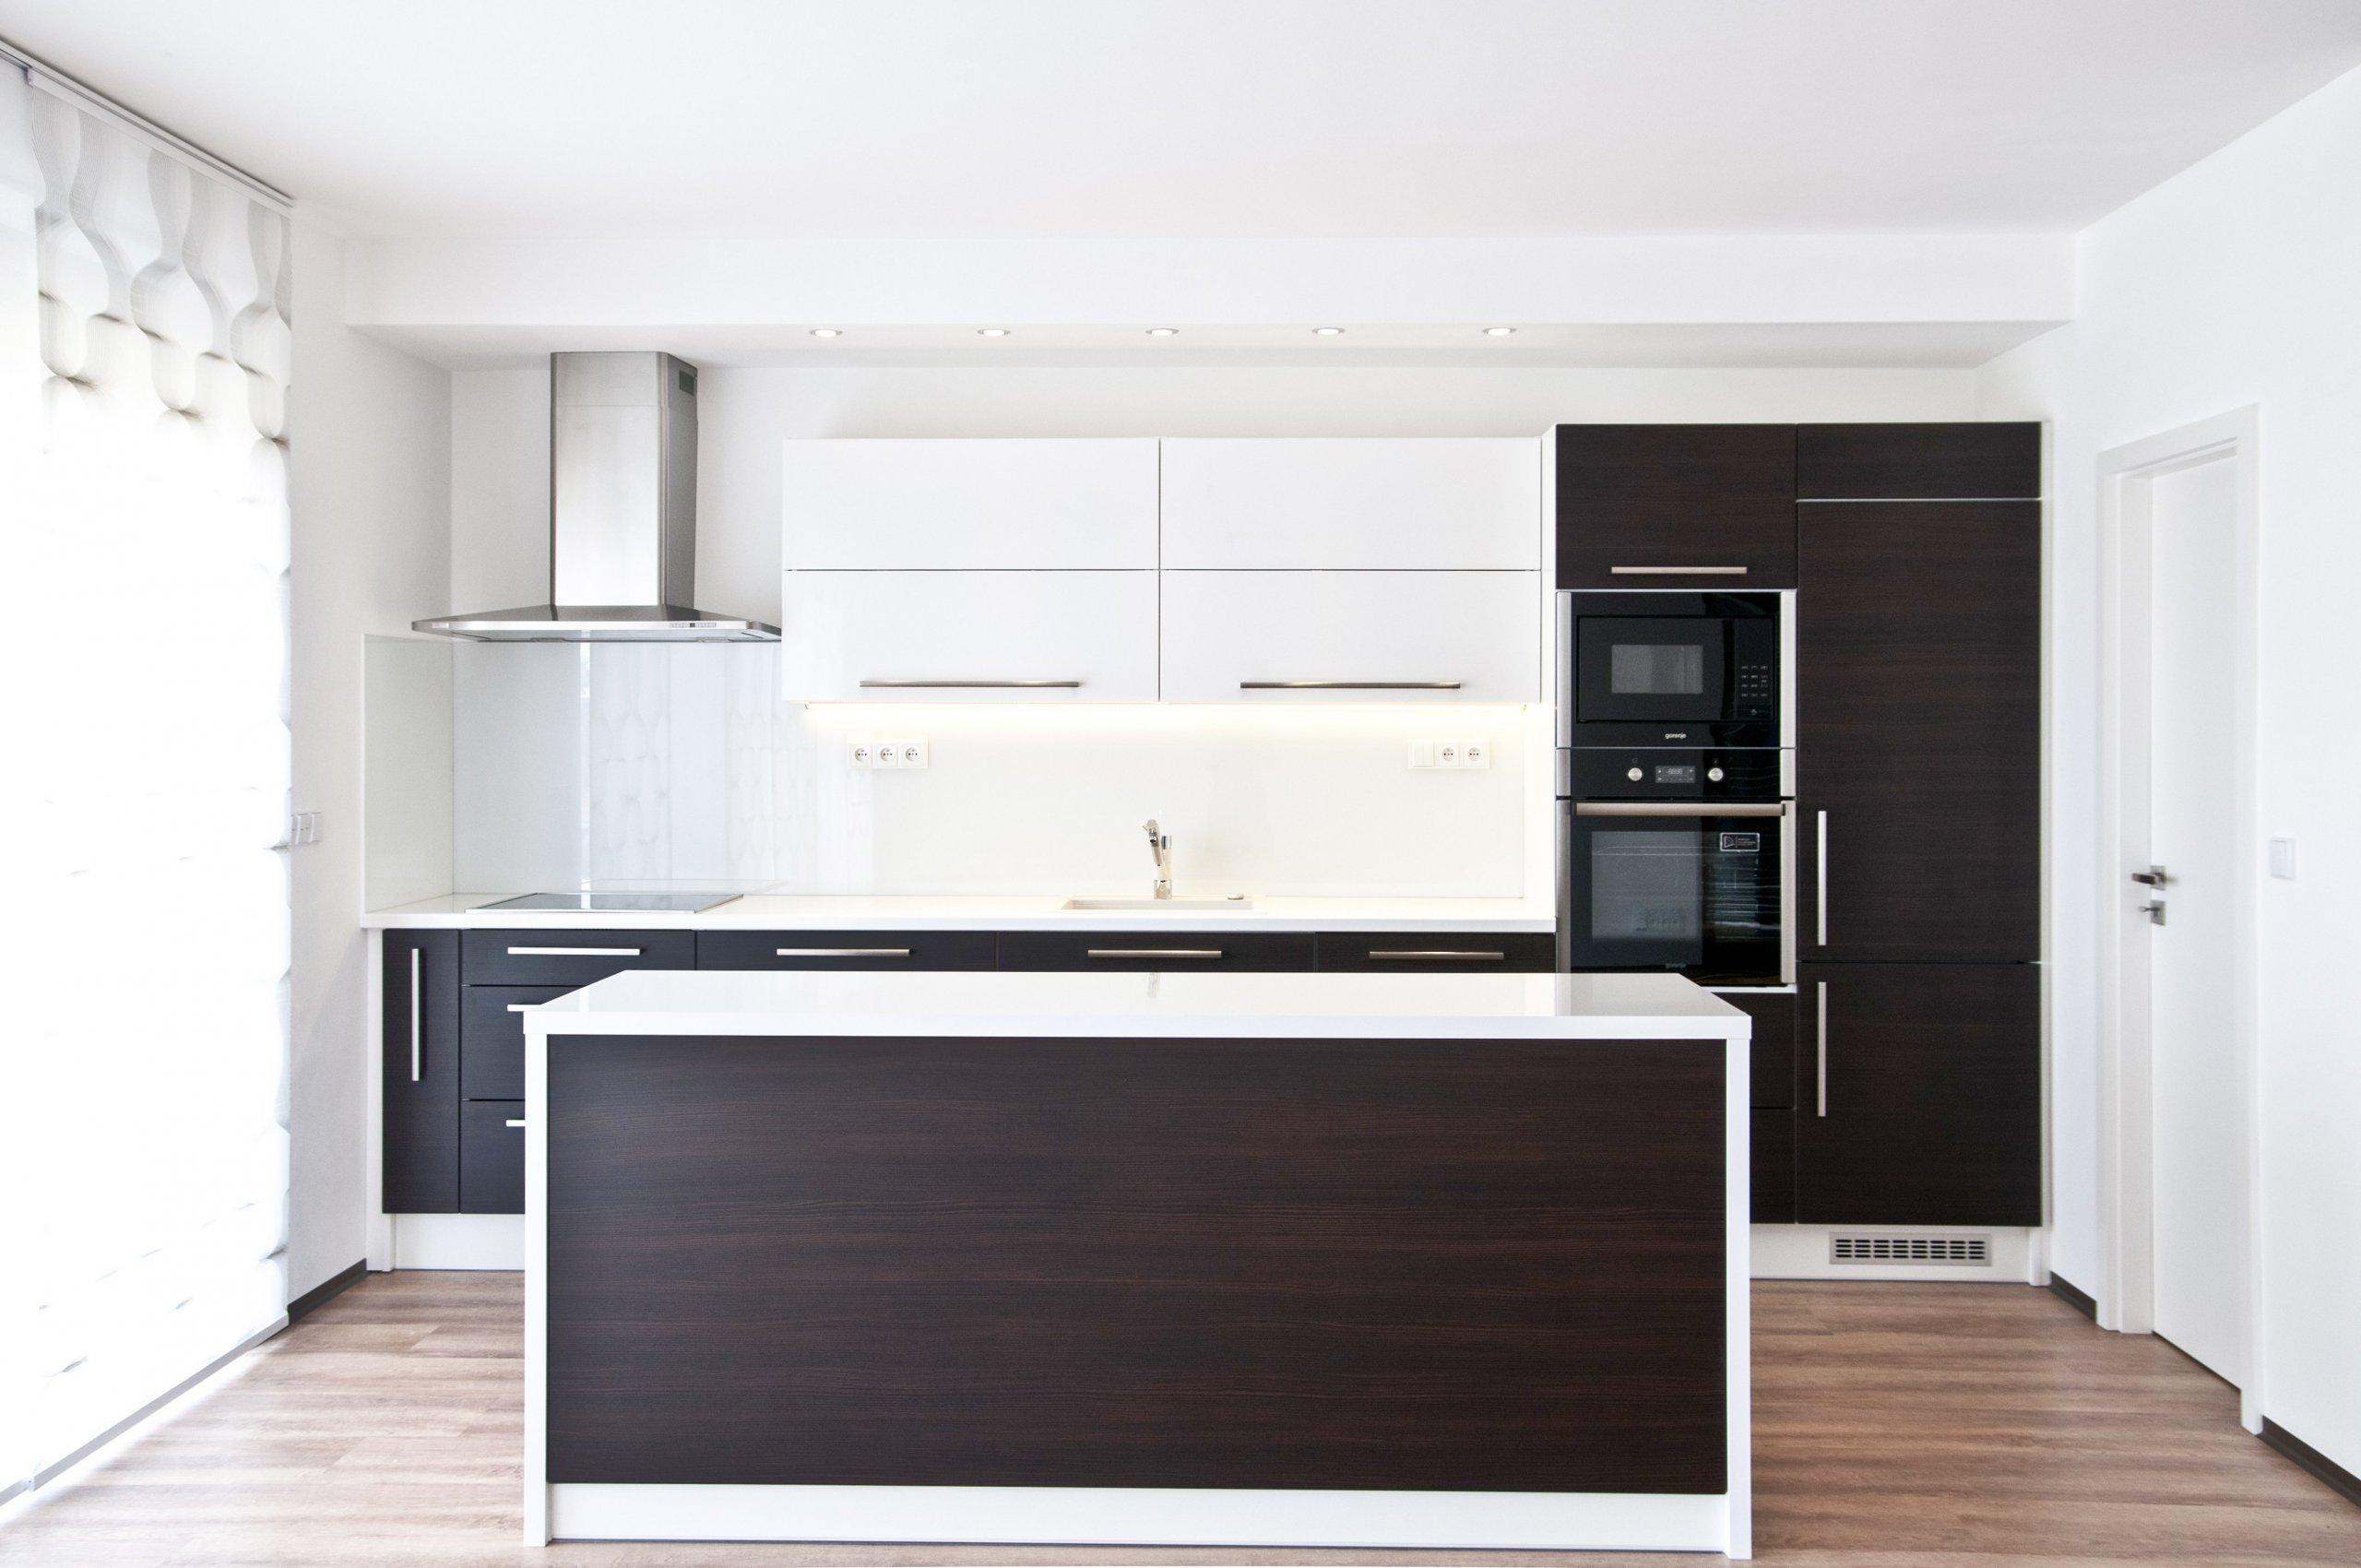 Moderní kuchyňská linka, jejíž majitelé vsadili na čistý a jednoduchý design. Základním tónem kuchyně je bílá barva, jež je doplněna o výrazný dekor tmavého…